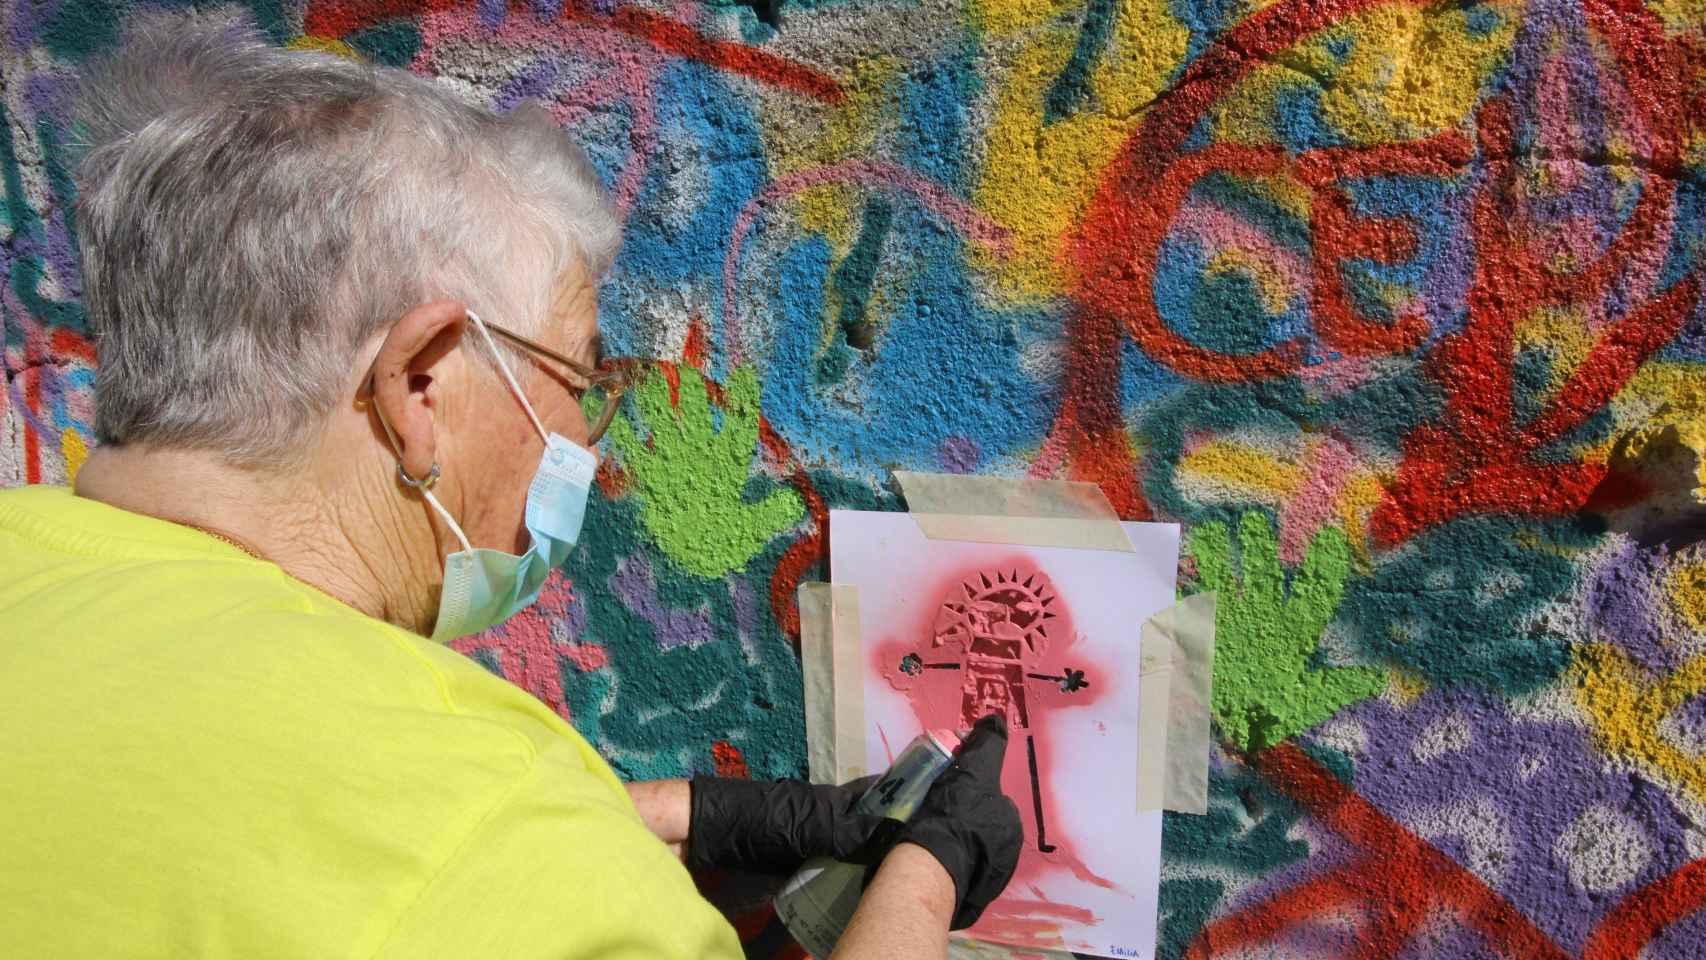 Una de las ancianas dibujando con plantilla y spray